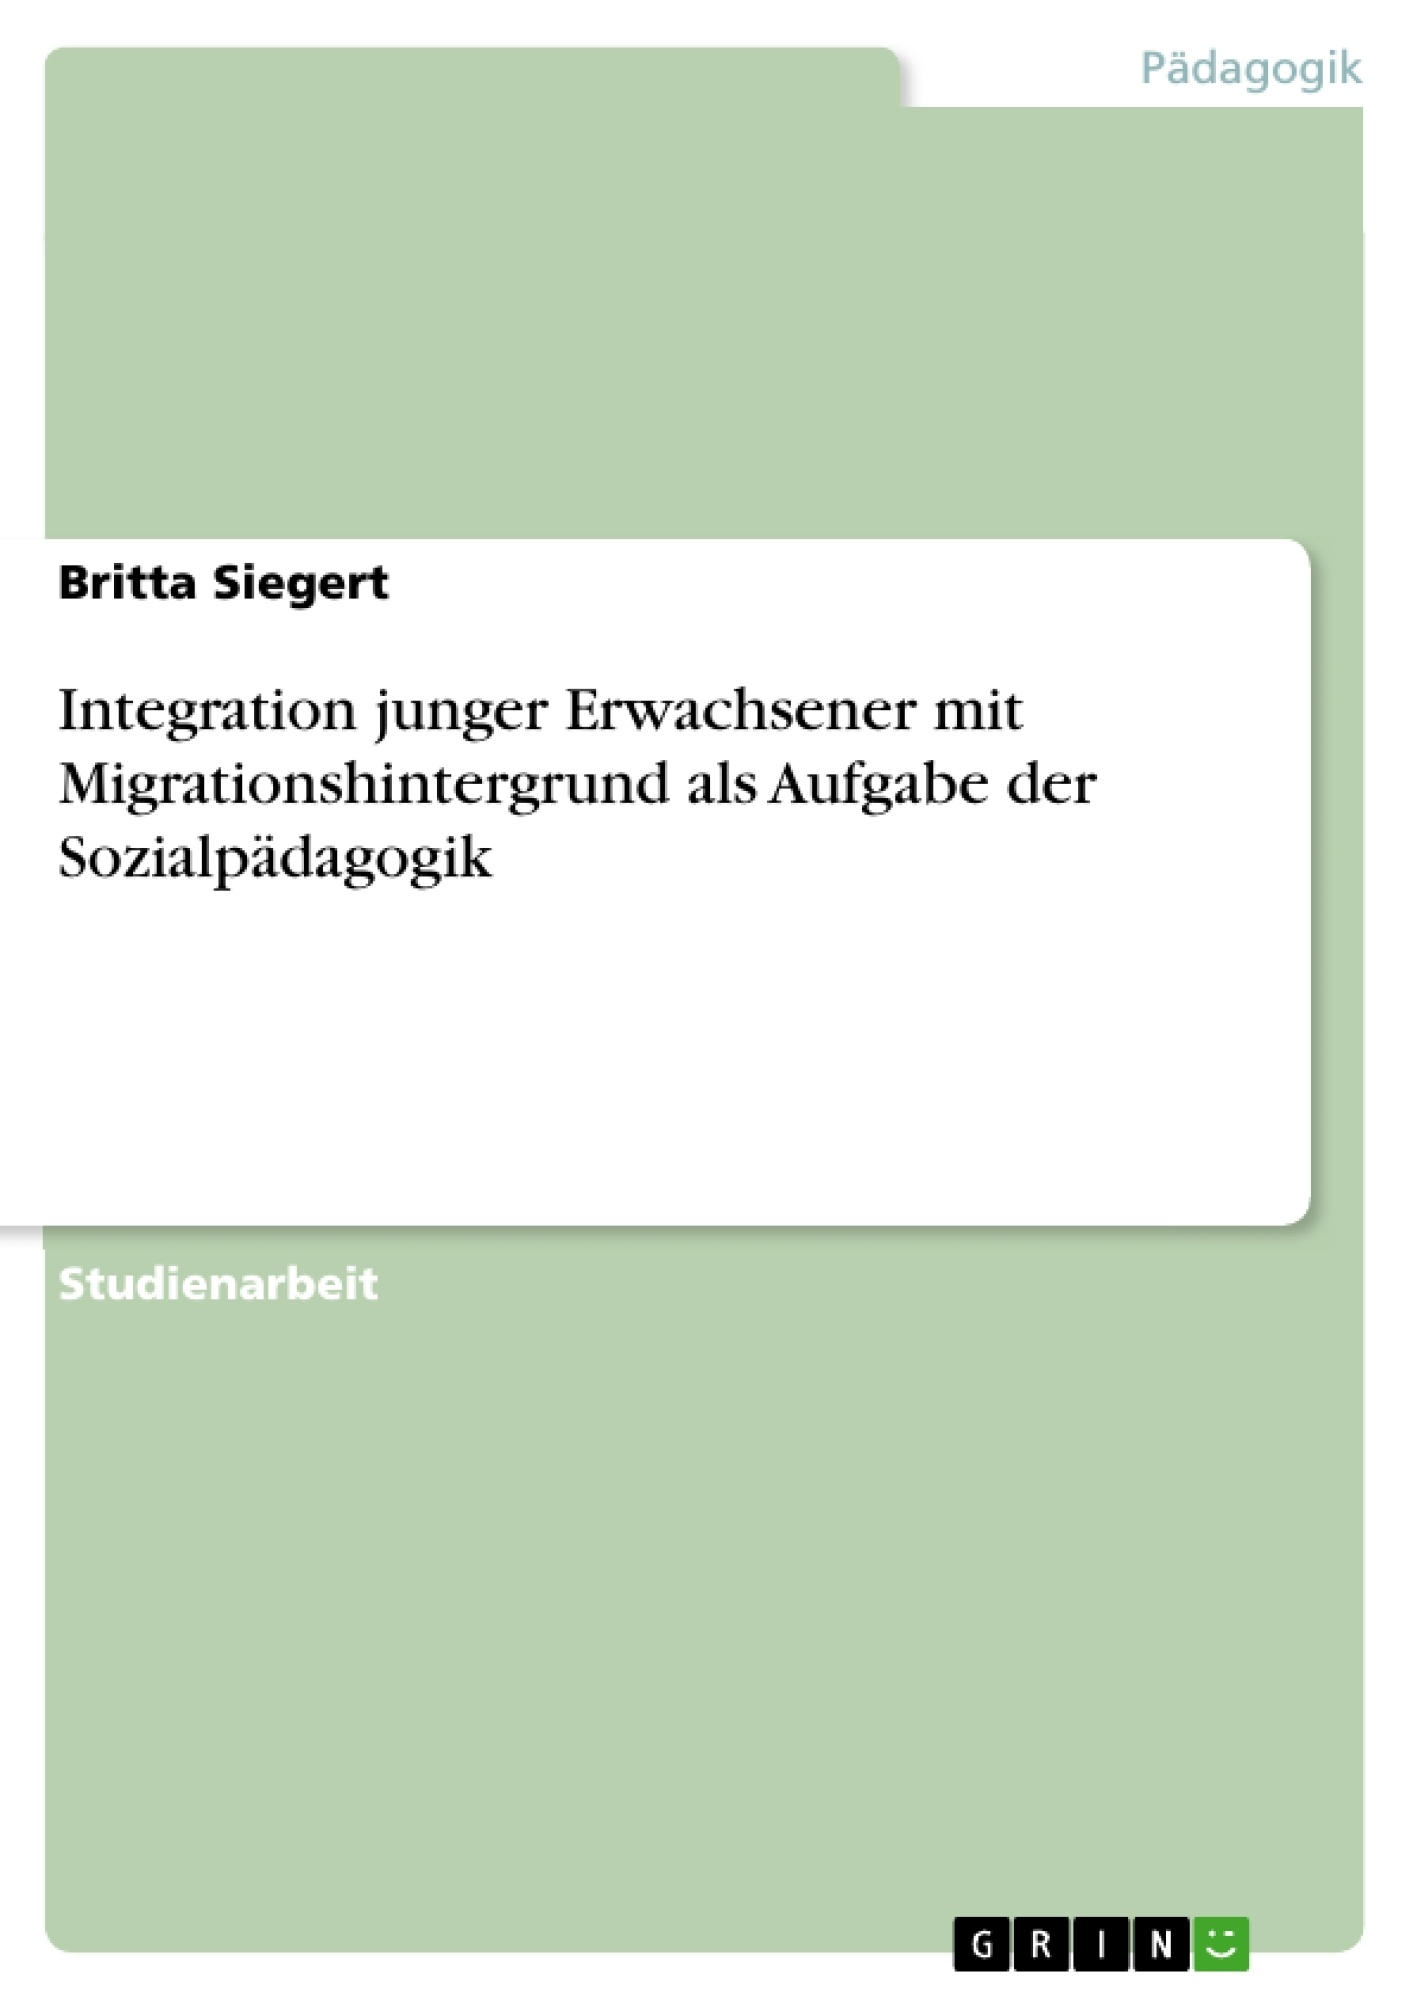 Titel: Integration junger Erwachsener mit Migrationshintergrund als Aufgabe der Sozialpädagogik